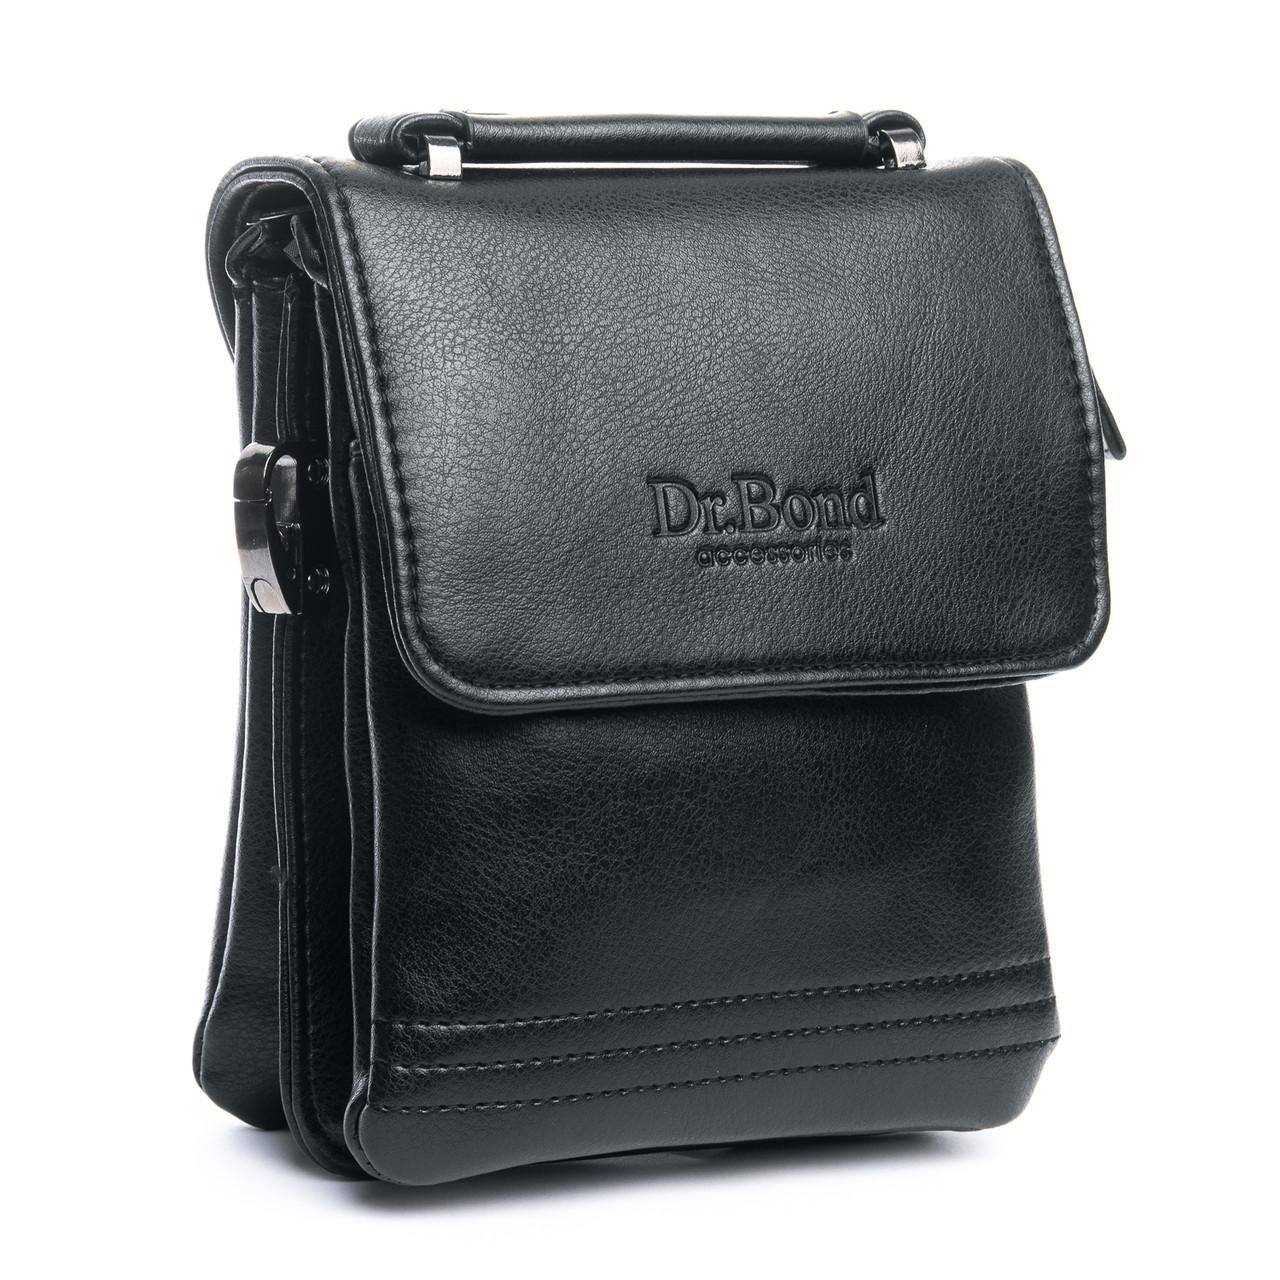 Сумка Мужская Планшет иск-кожа DR. BOND GL 319-0 черная